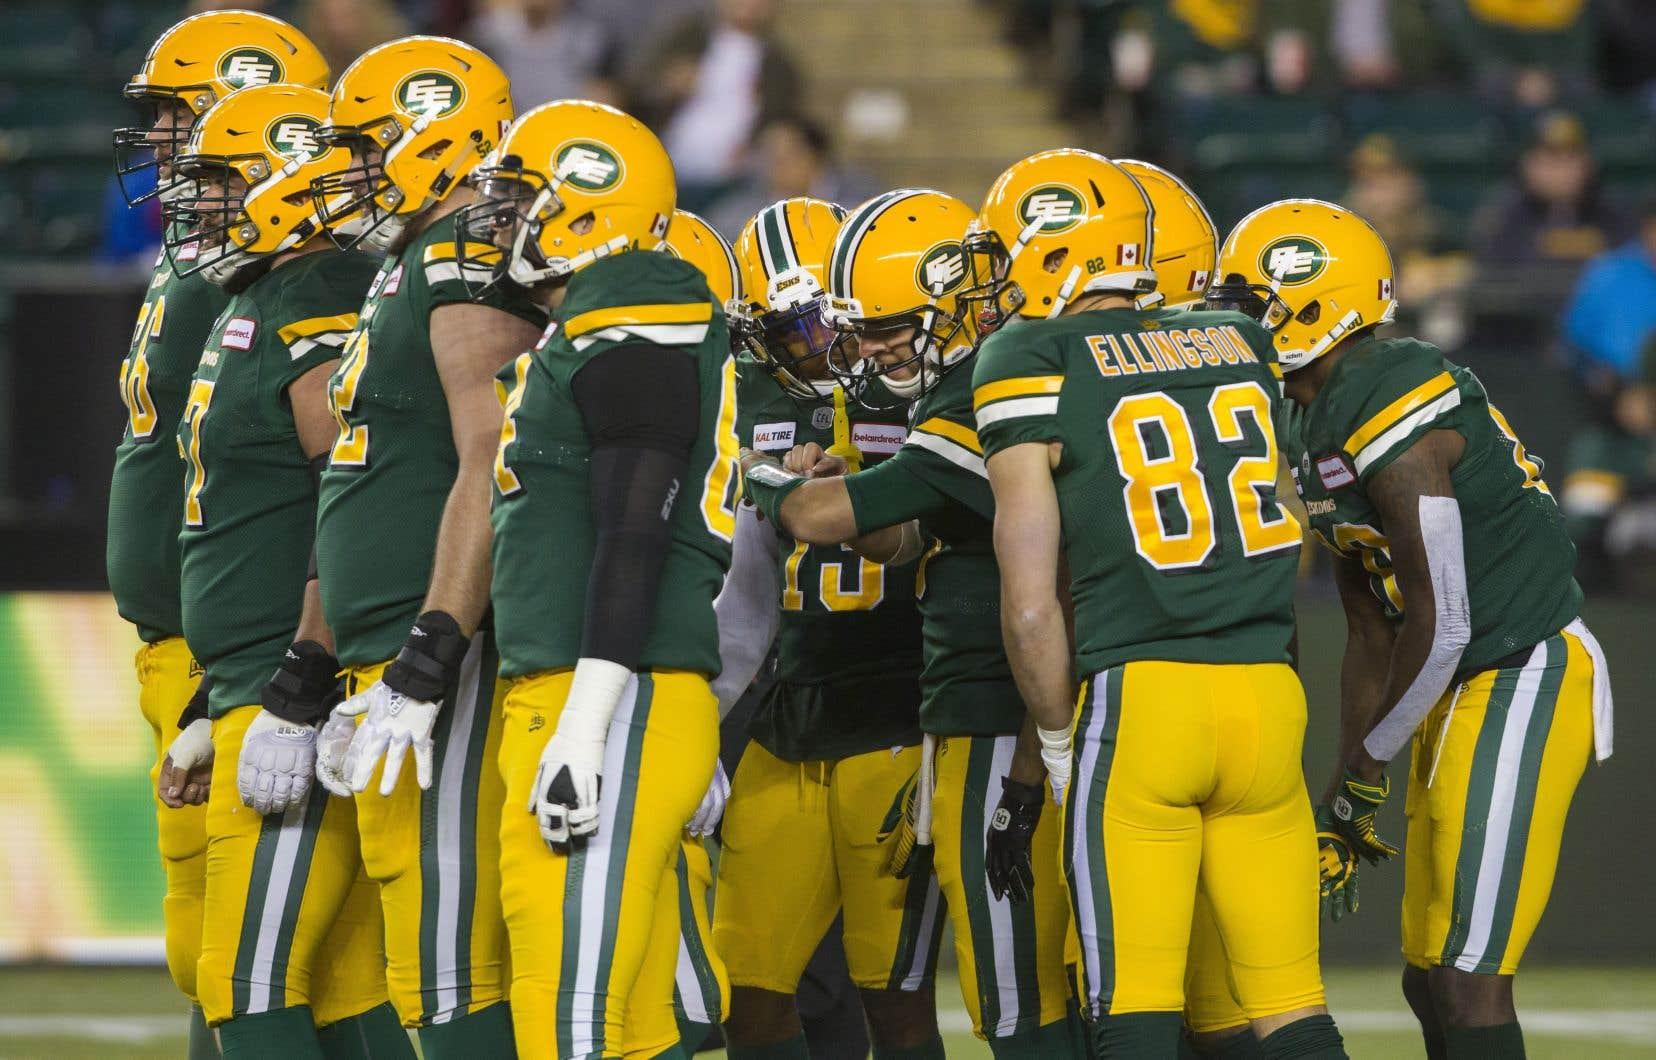 En attendant que le processus du choix d'un nouveau nom soit complété, le club utilisera «EE Football Team» et «Edmonton Football Team».